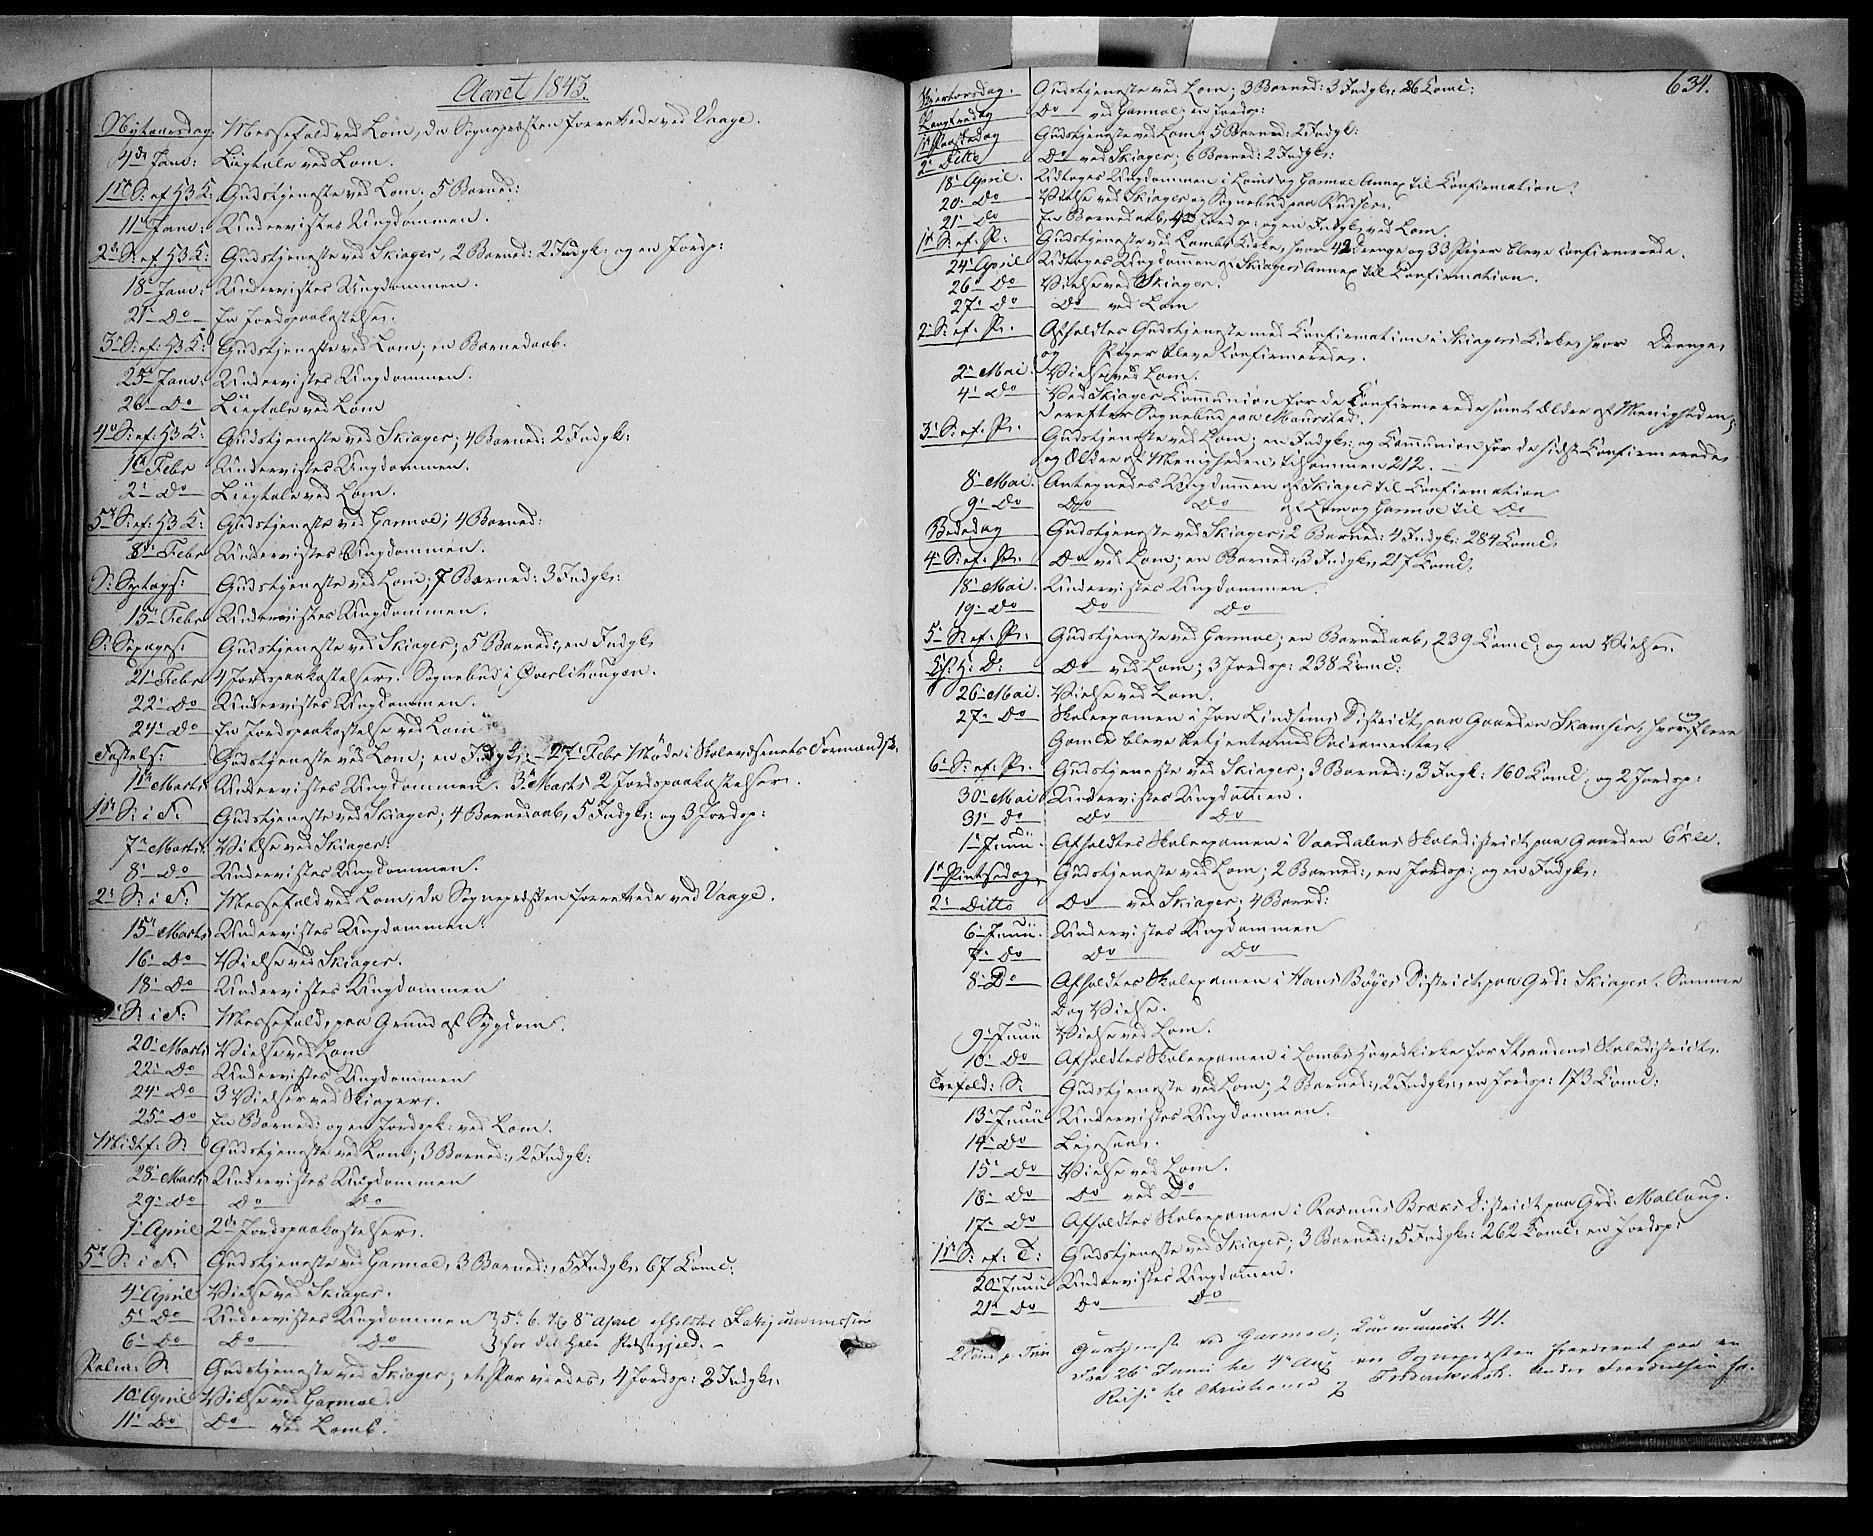 SAH, Lom prestekontor, K/L0006: Ministerialbok nr. 6B, 1837-1863, s. 634